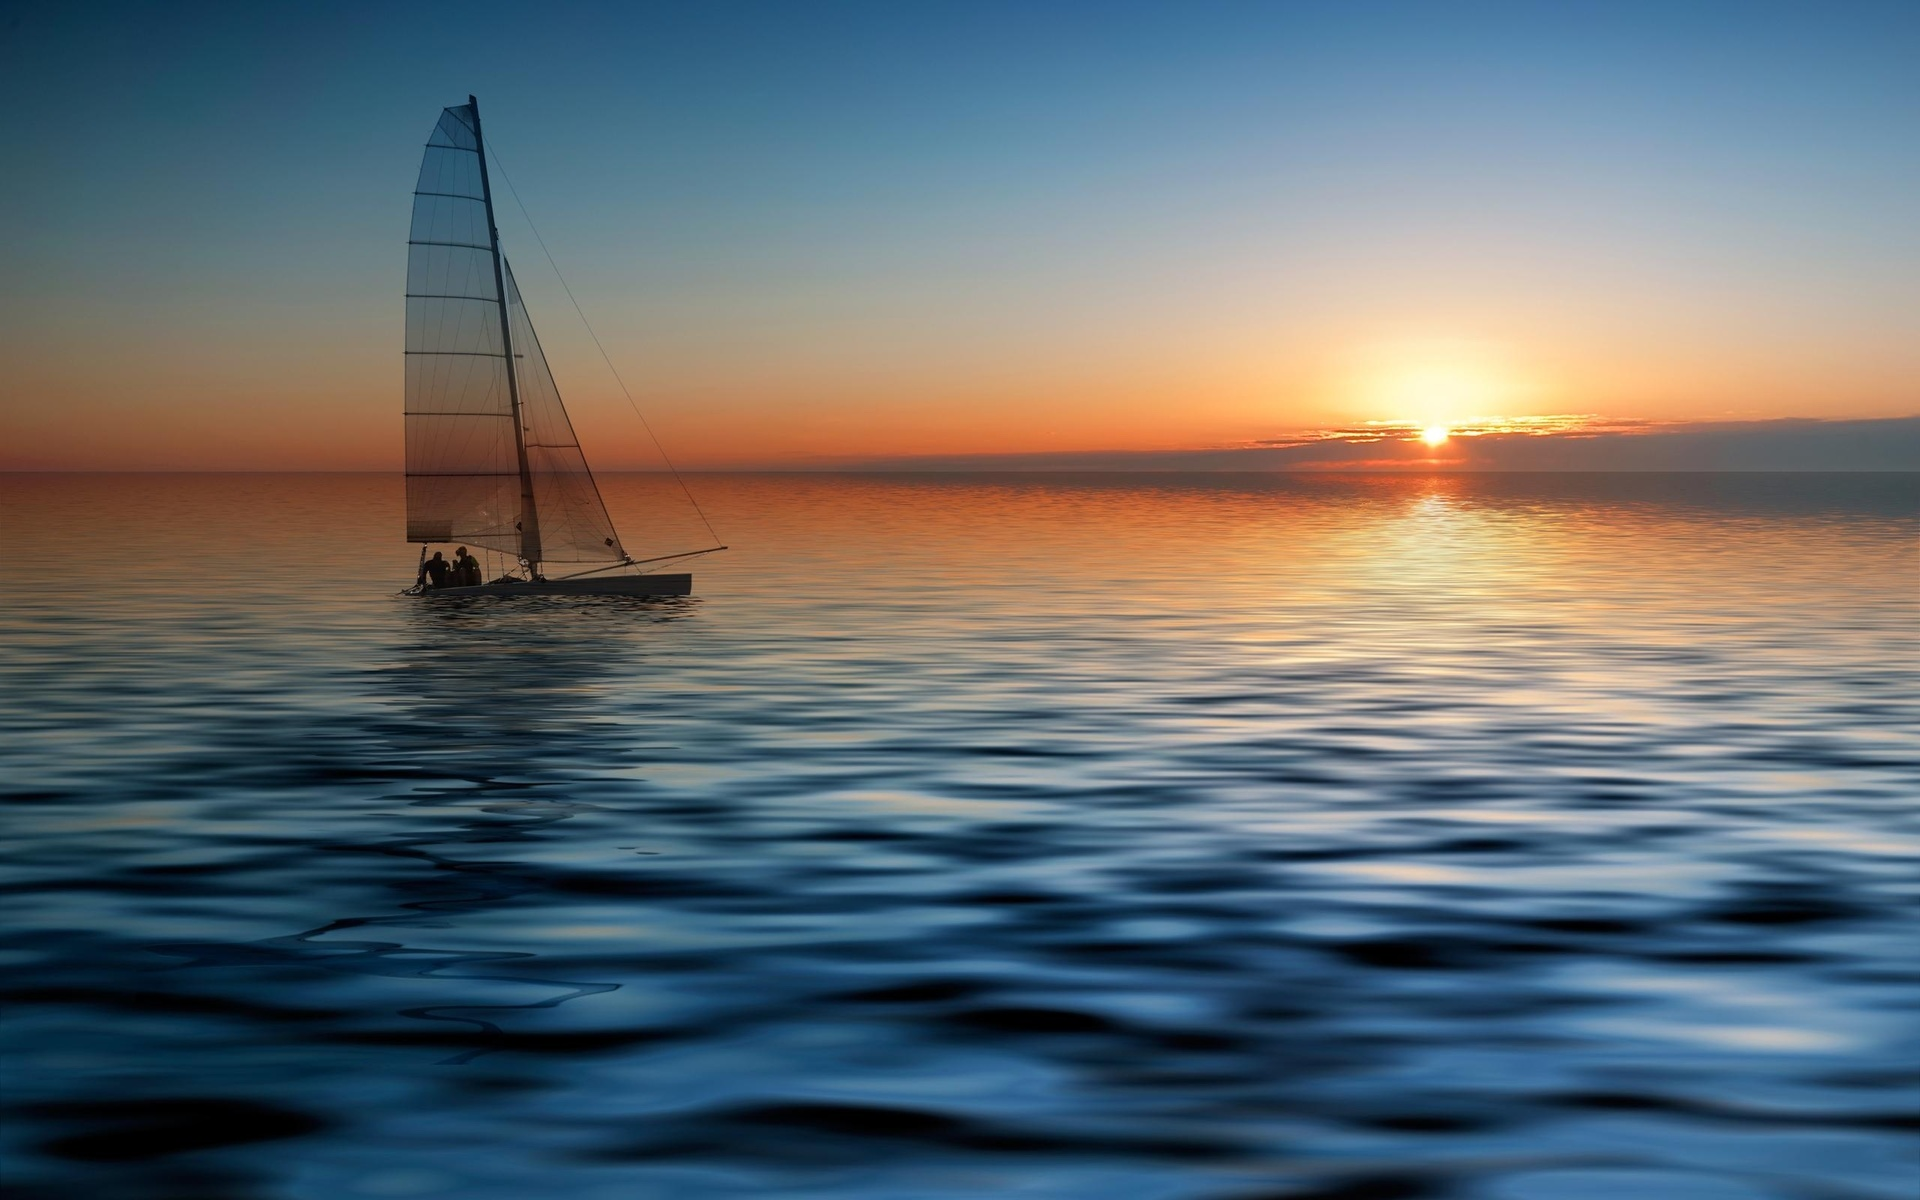 Открытки с морем и яхтами, смешные слез